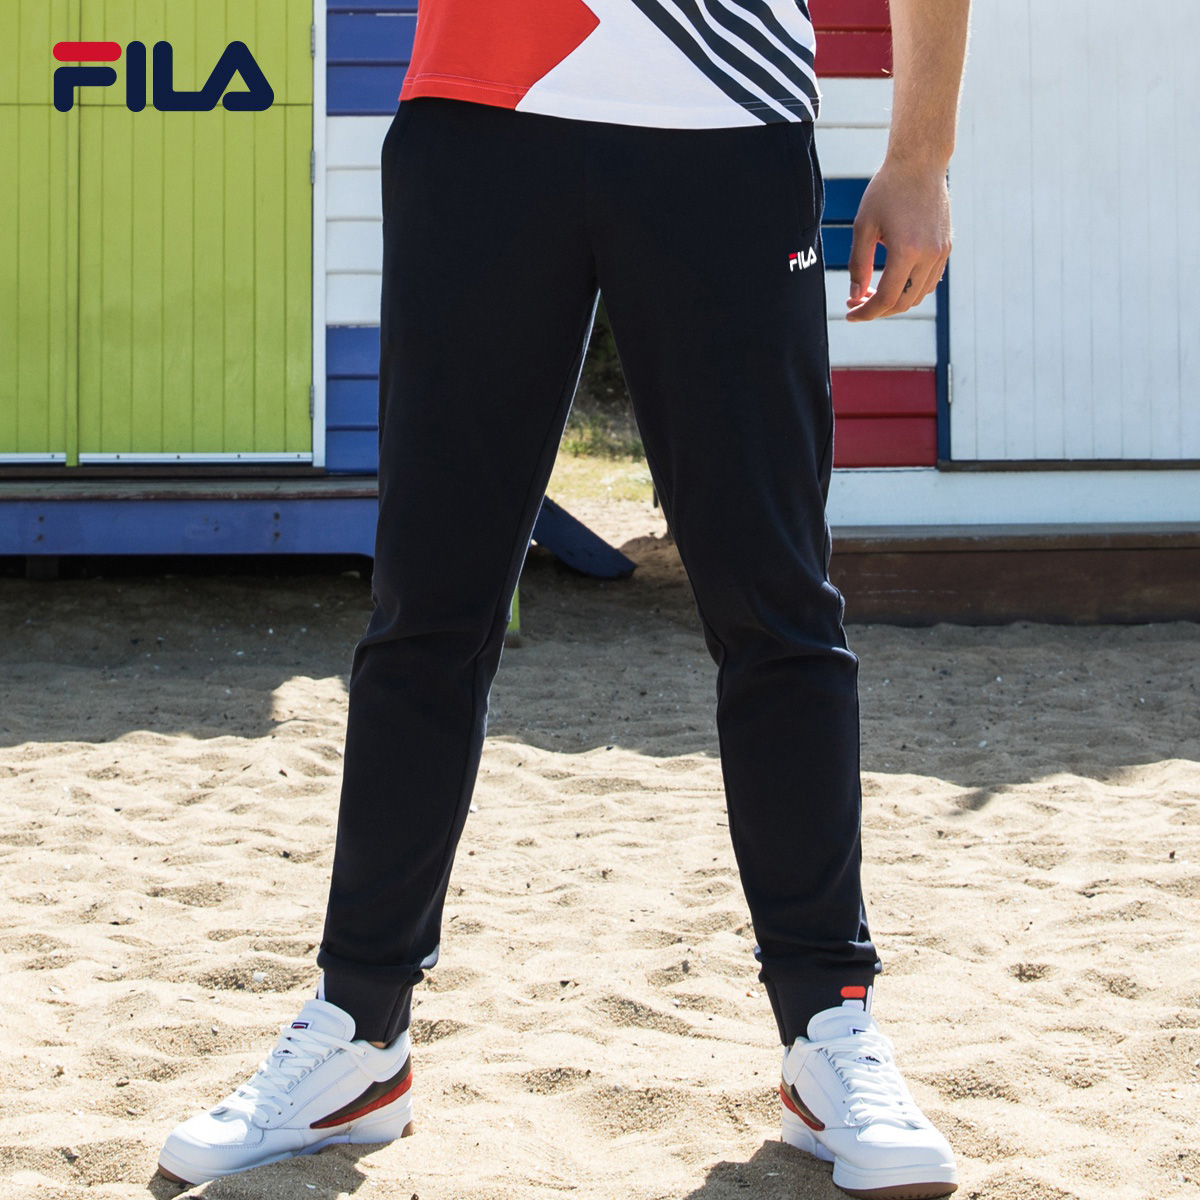 FILA斐乐男长裤2018夏季新款街头潮范复古时尚棉质运动长裤男